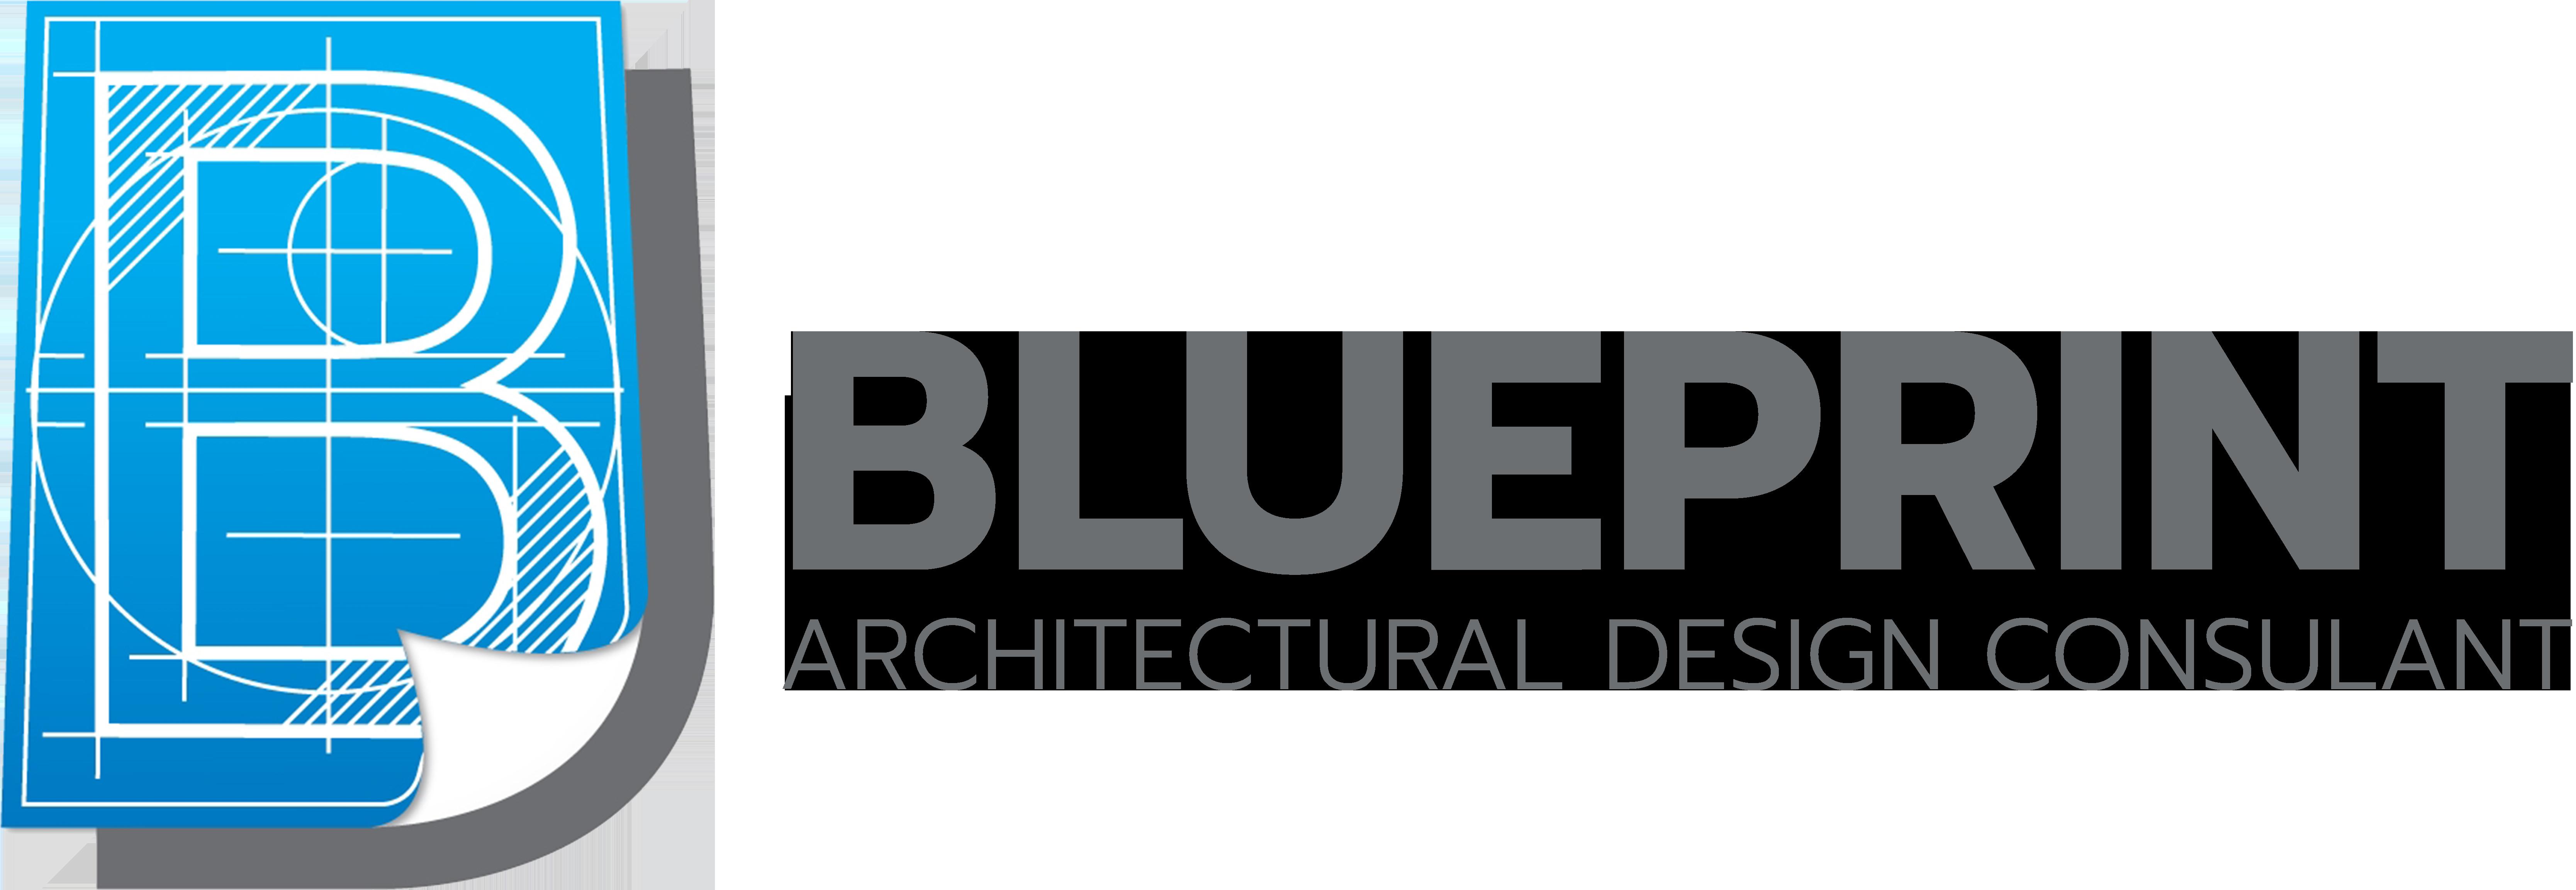 Logo 3 blueprint logo 3 malvernweather Choice Image